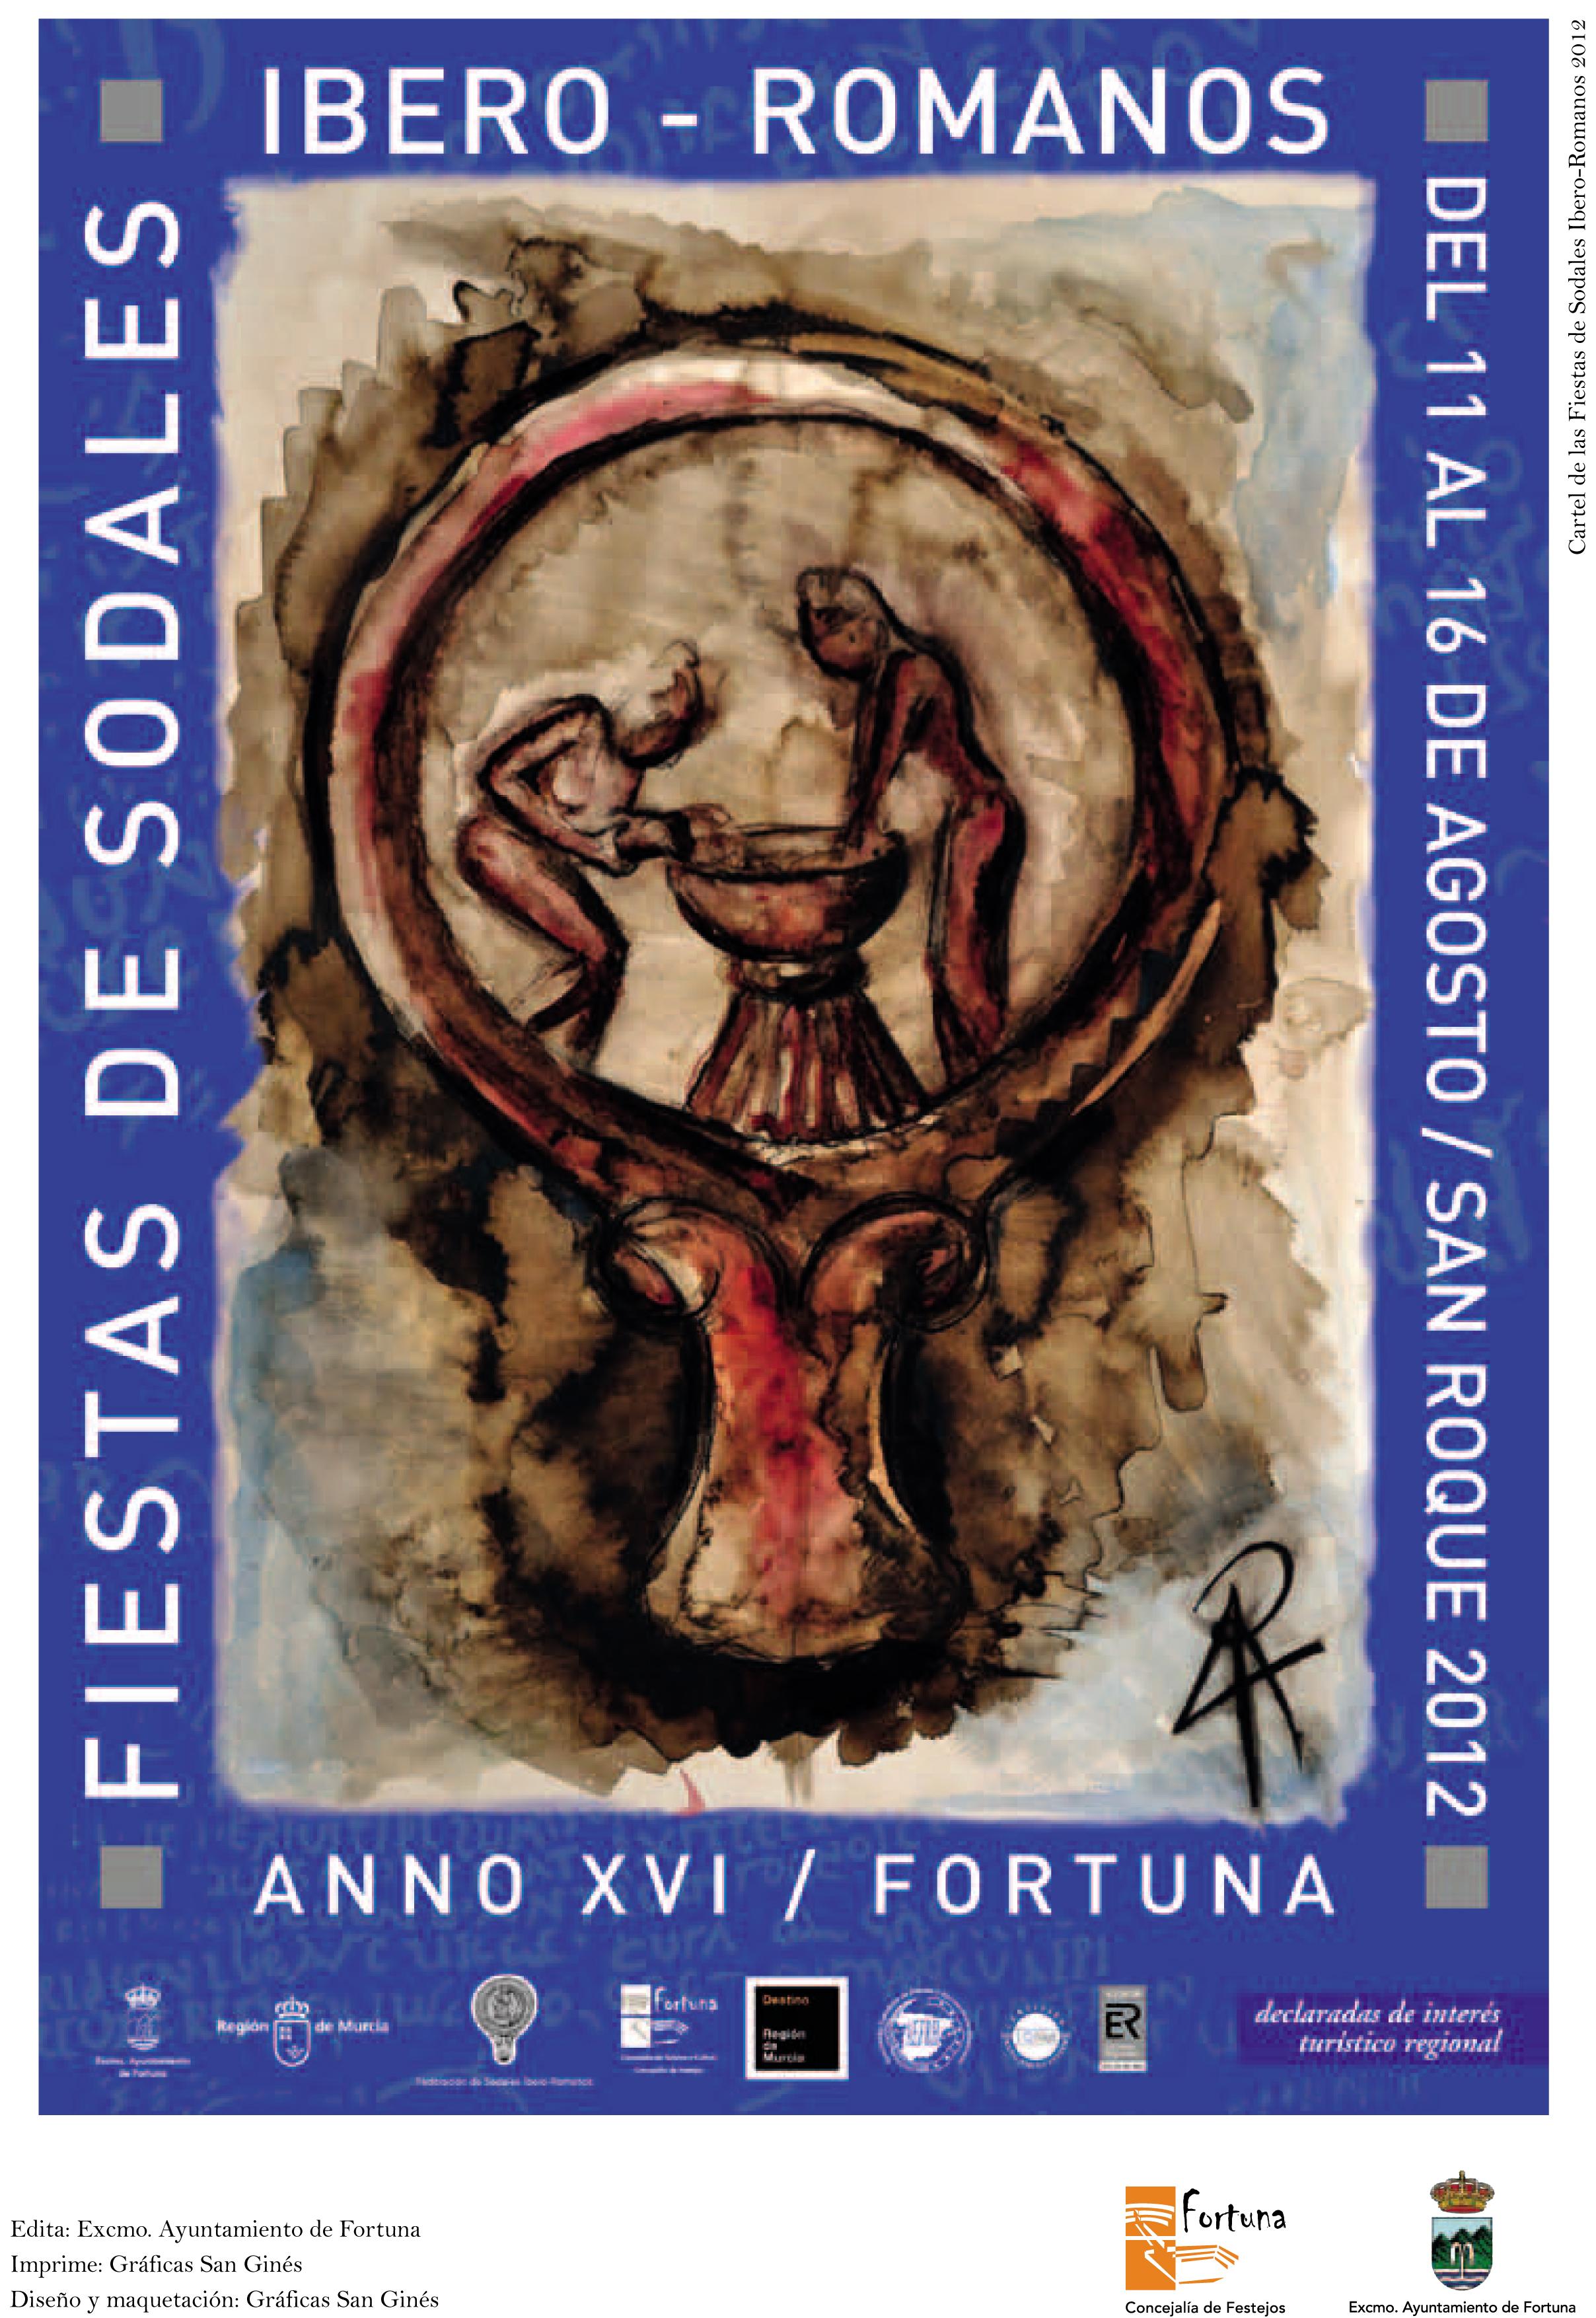 Fiestas de Sodales Ibero-romanos en Fortuna